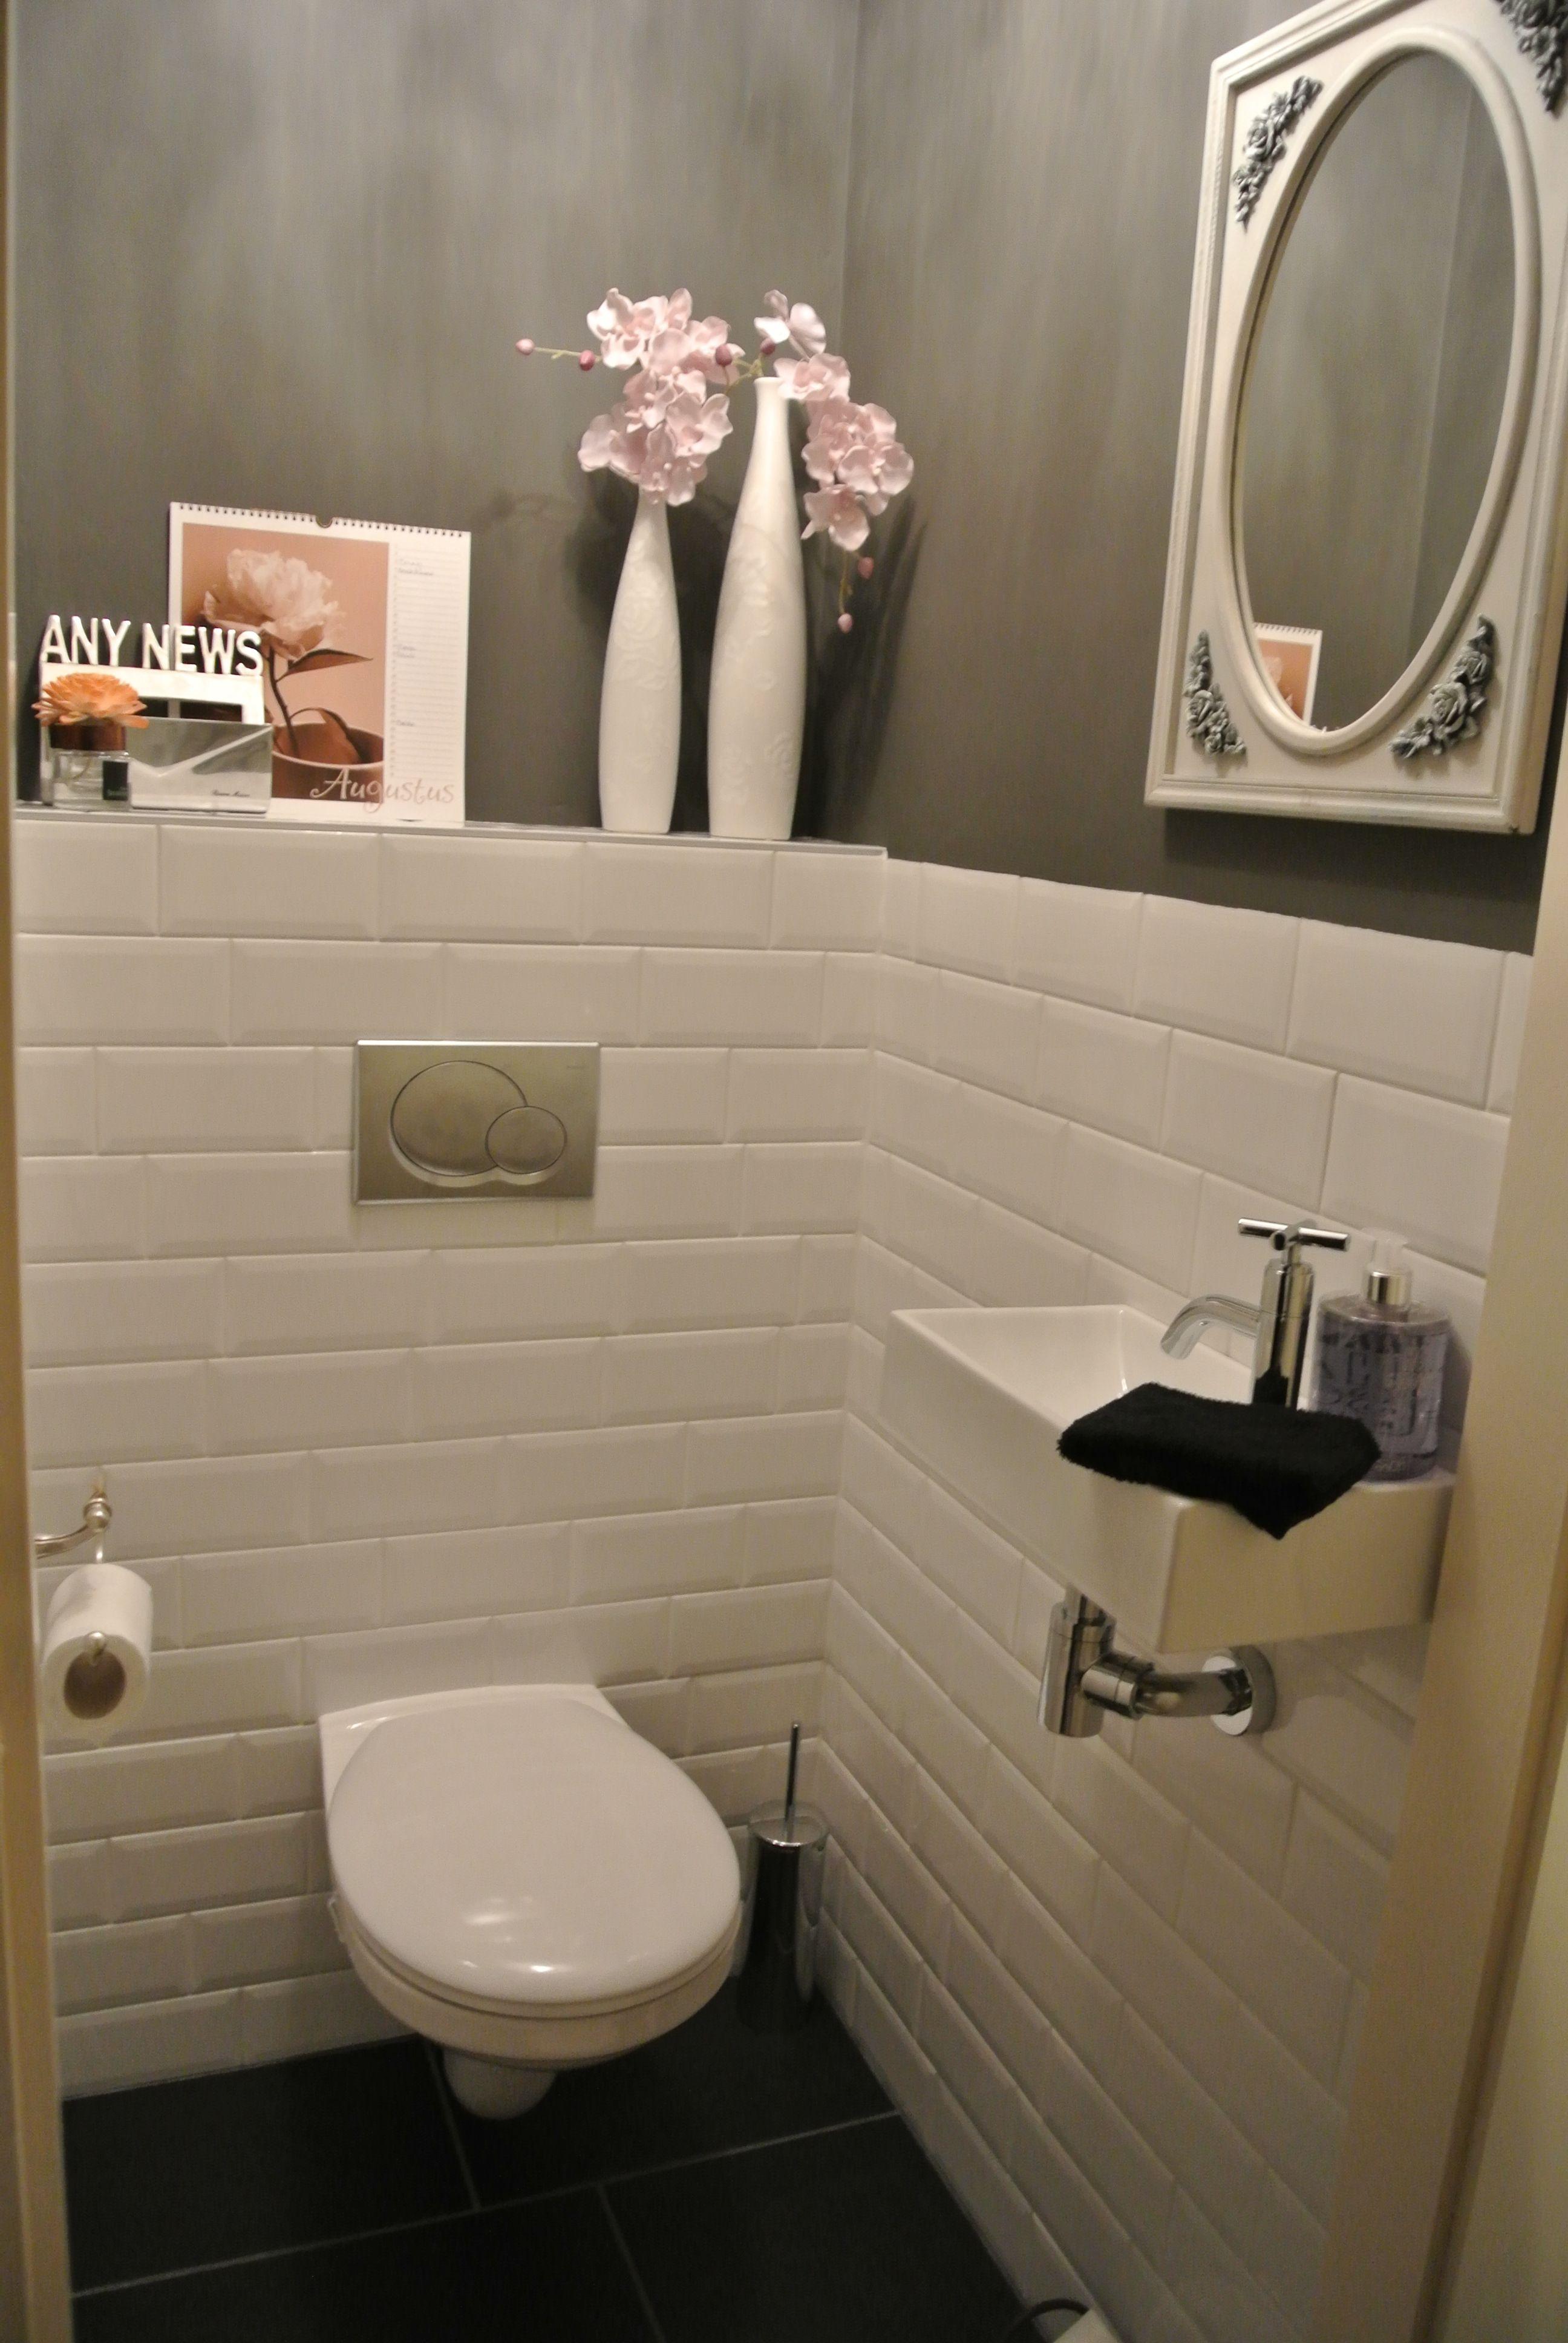 Prachtige krijtverf nieuwe huisje pinterest wc for Toilet betegeld